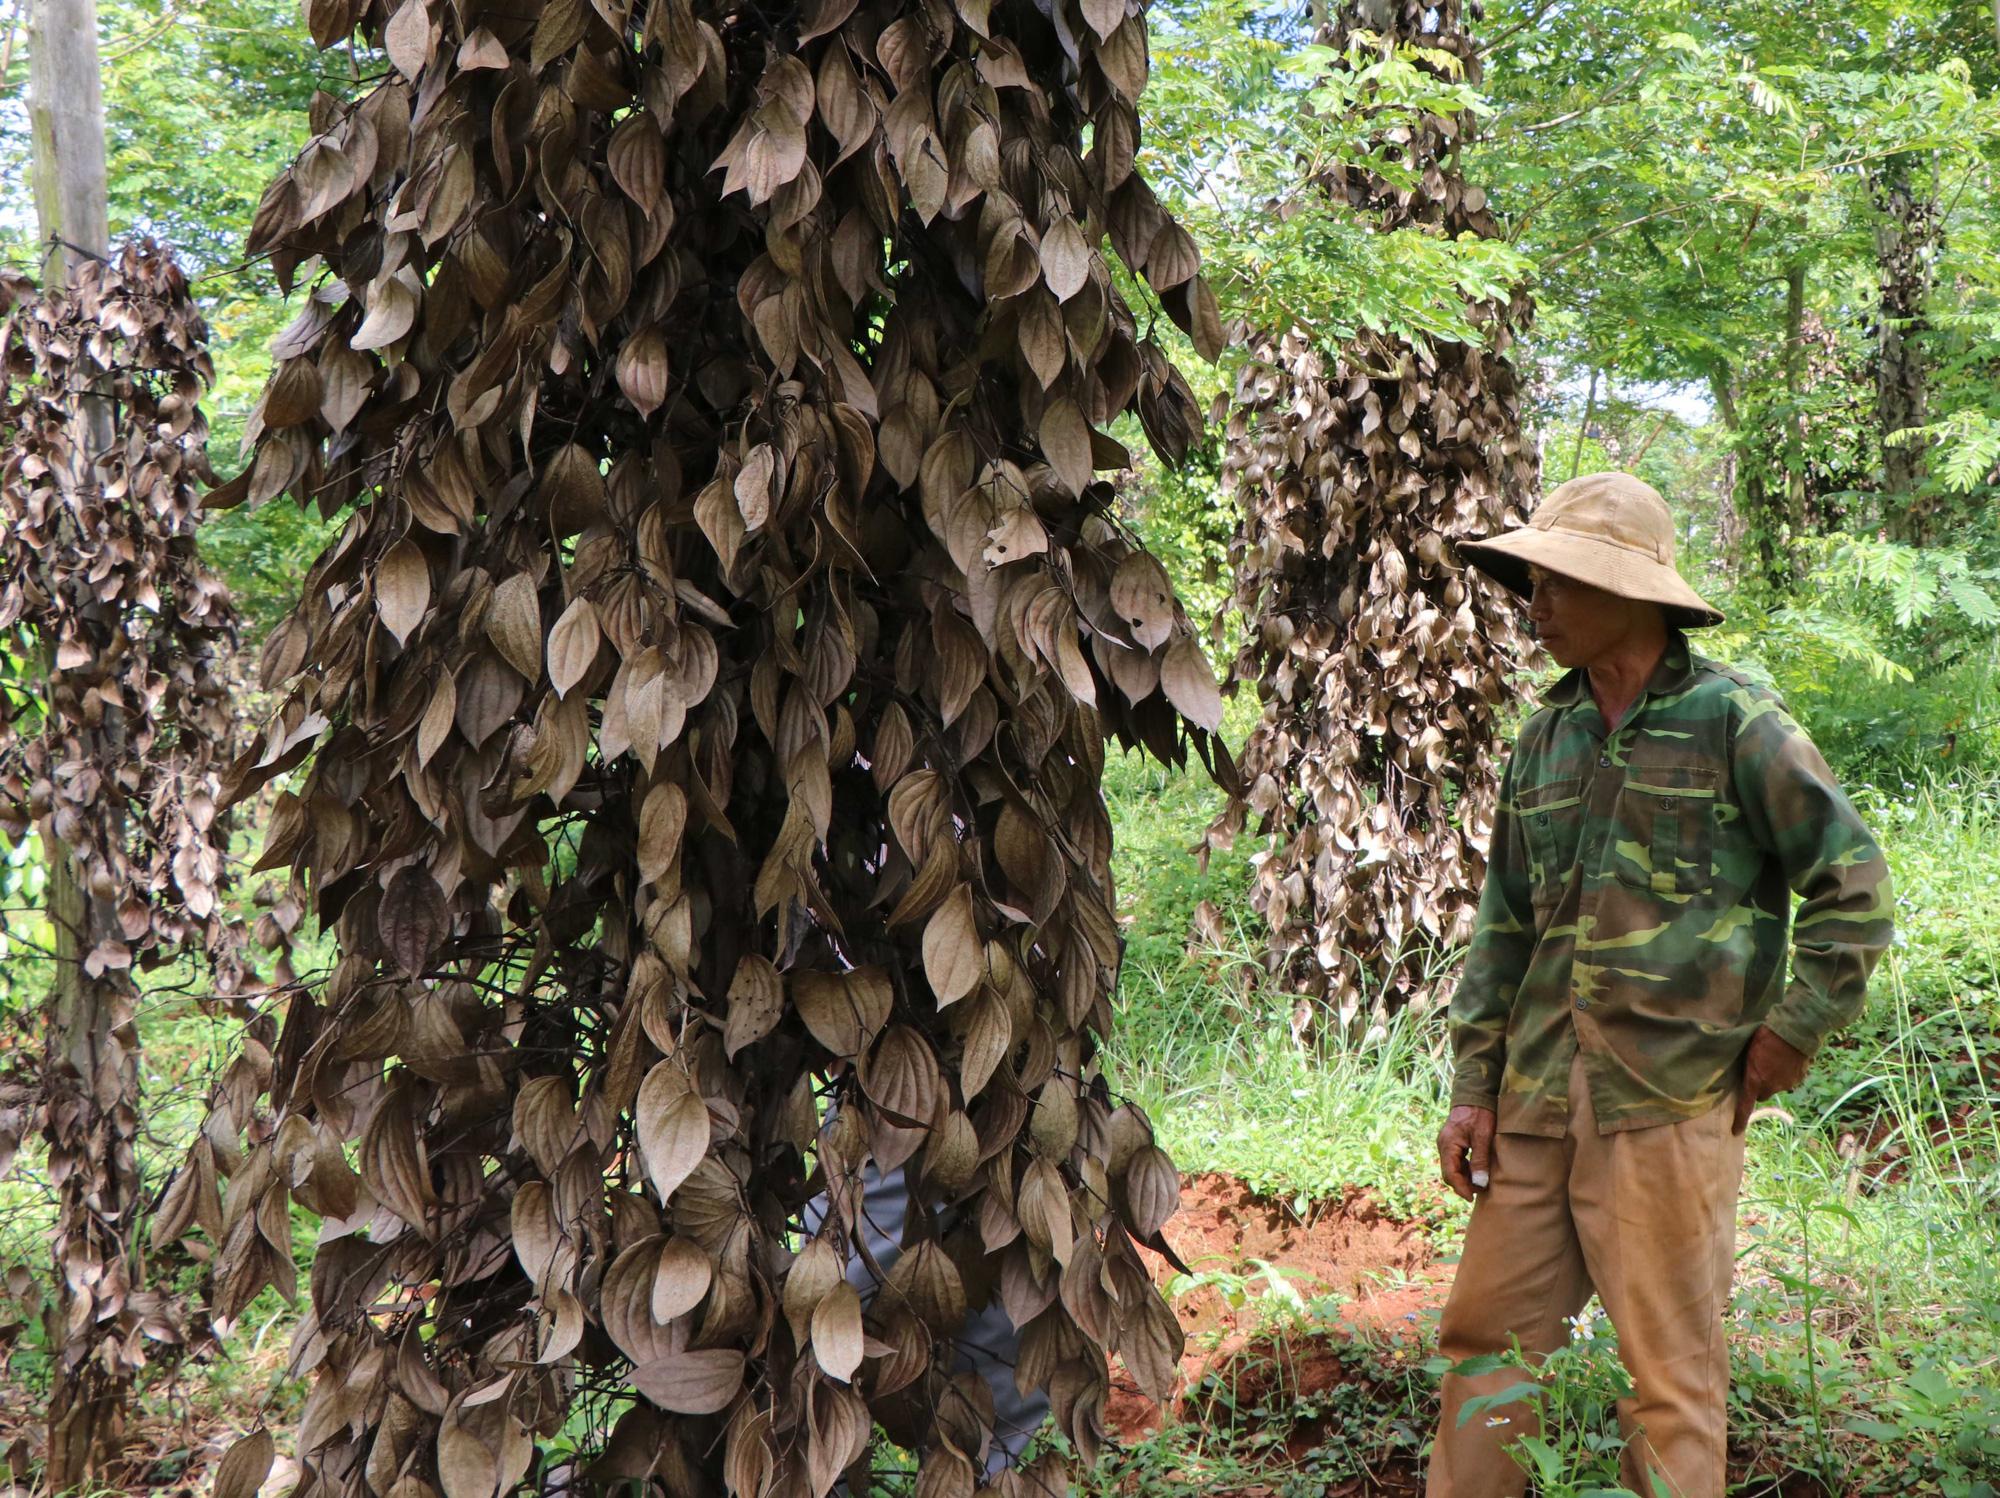 Đắk Nông: Tiêu mất mùa, mất giá, nông dân khó khăn chồng chất khó khăn - Ảnh 3.